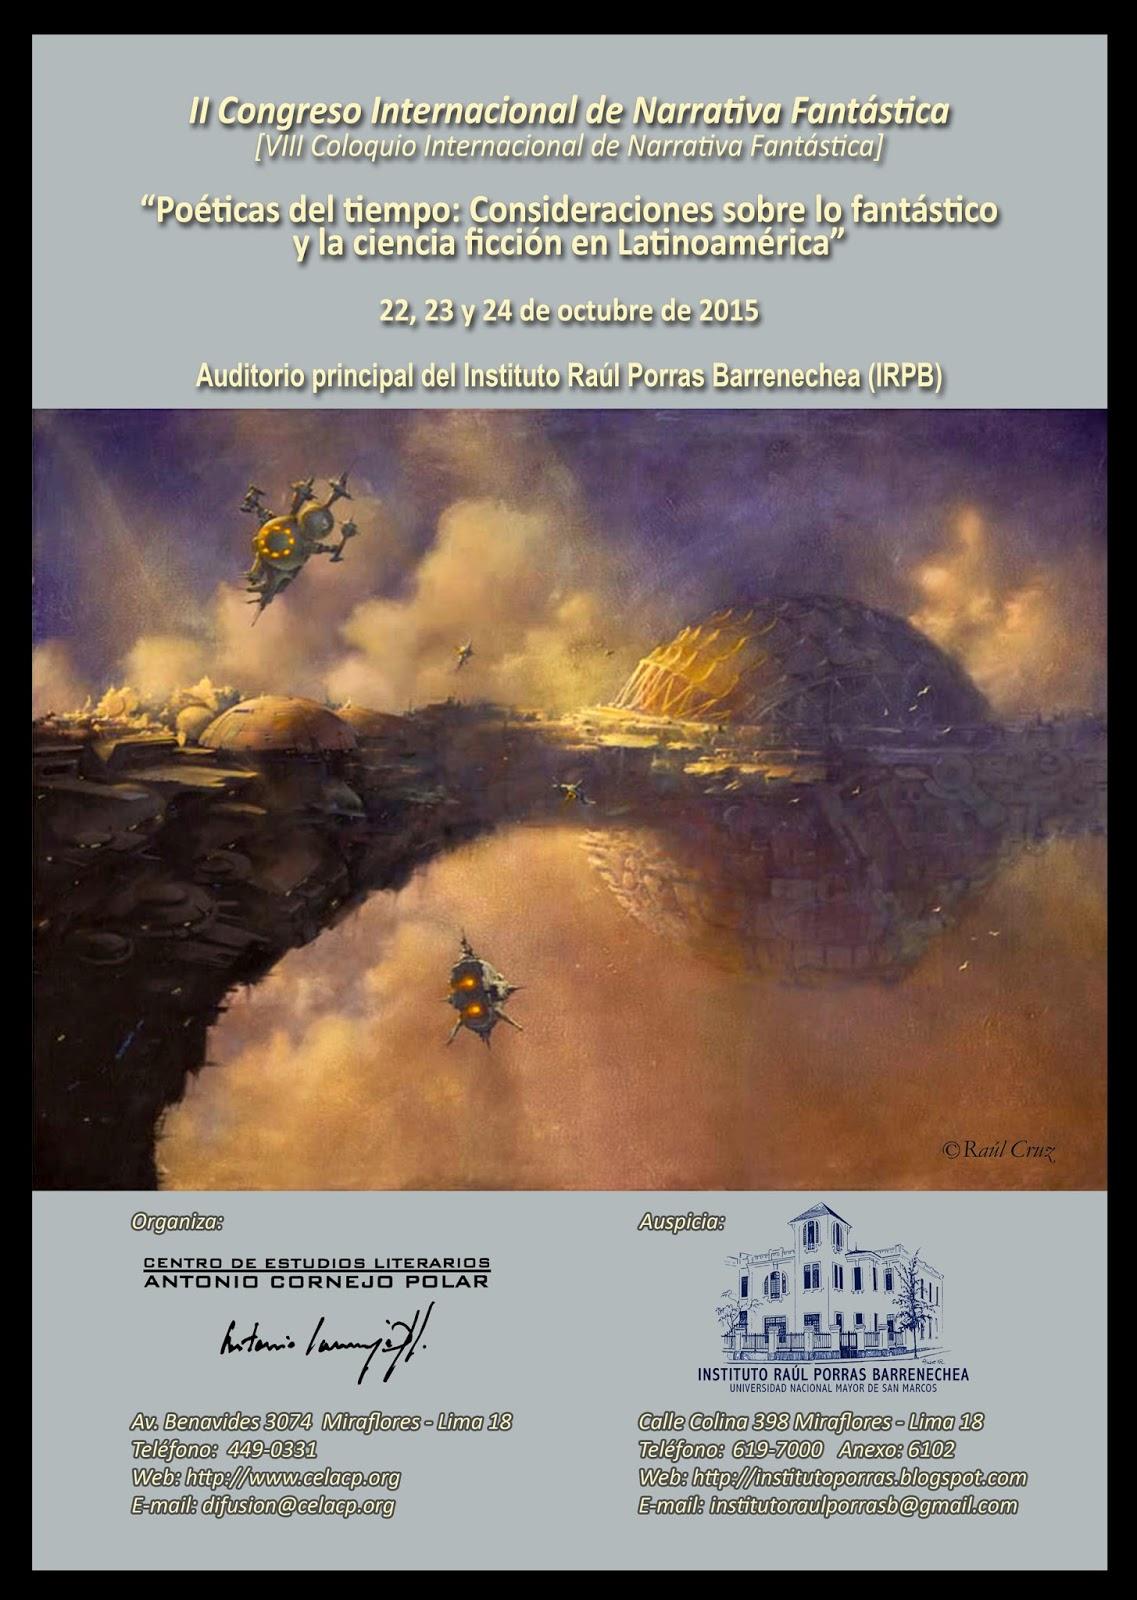 Poéticas del tiempo: Consideraciones sobre lo fantástico y la ciencia ficción en Latinoamérica